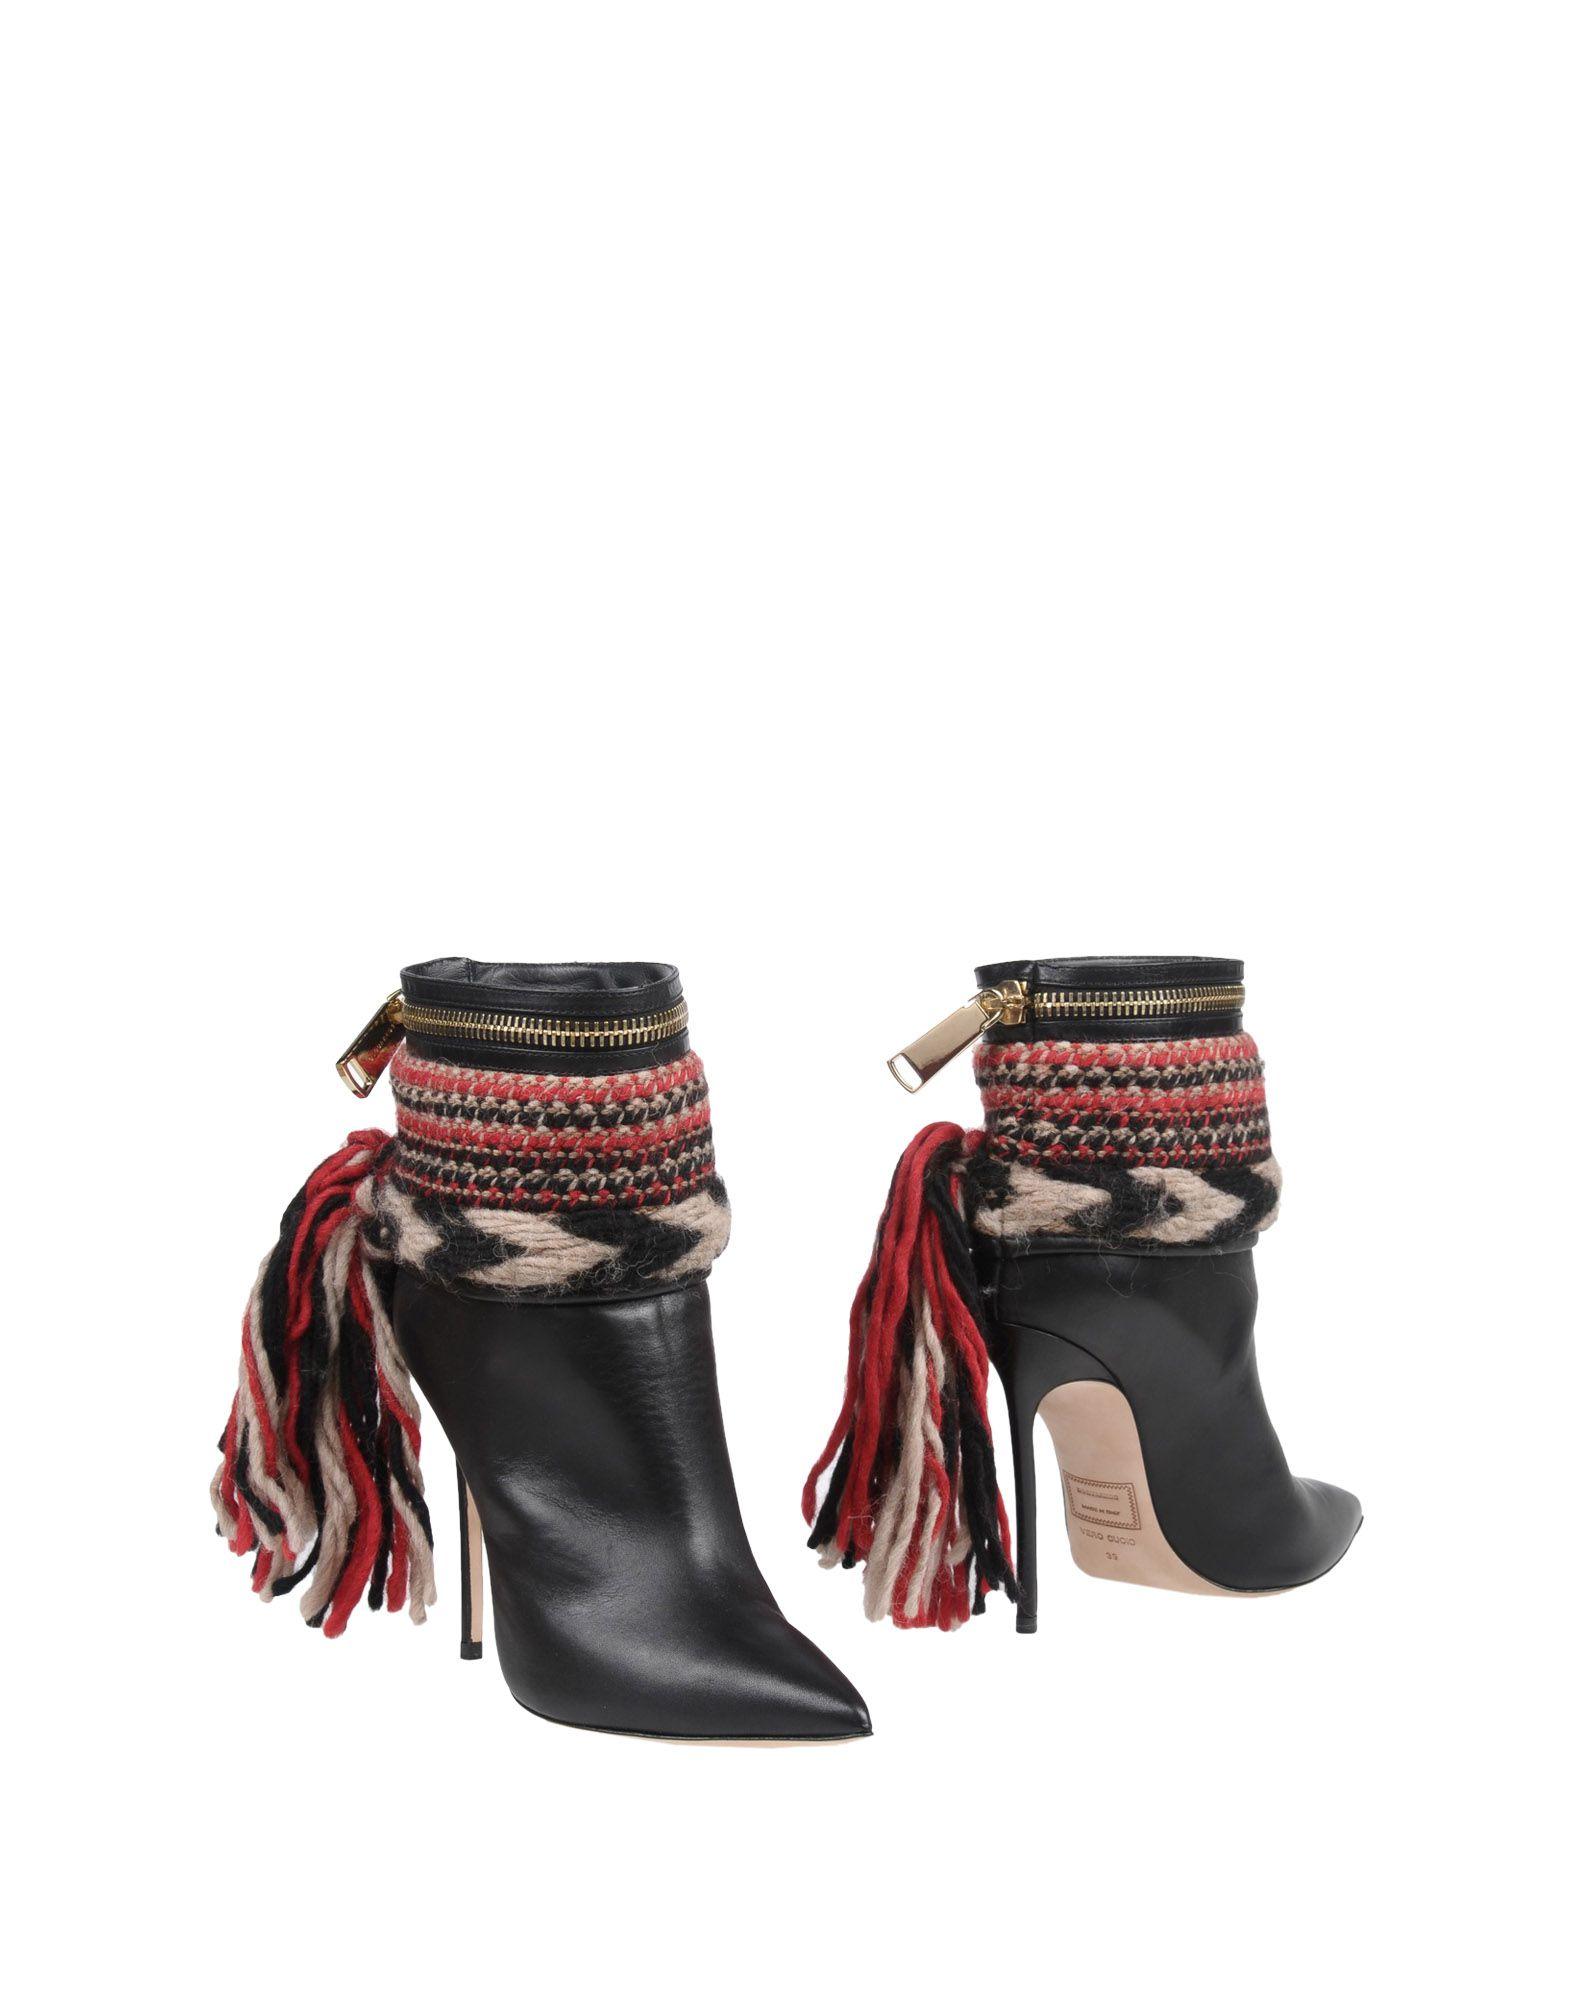 Dsquared2 Stiefelette Damen  11423039OQGünstige Schuhe gut aussehende Schuhe 11423039OQGünstige 25d6f5